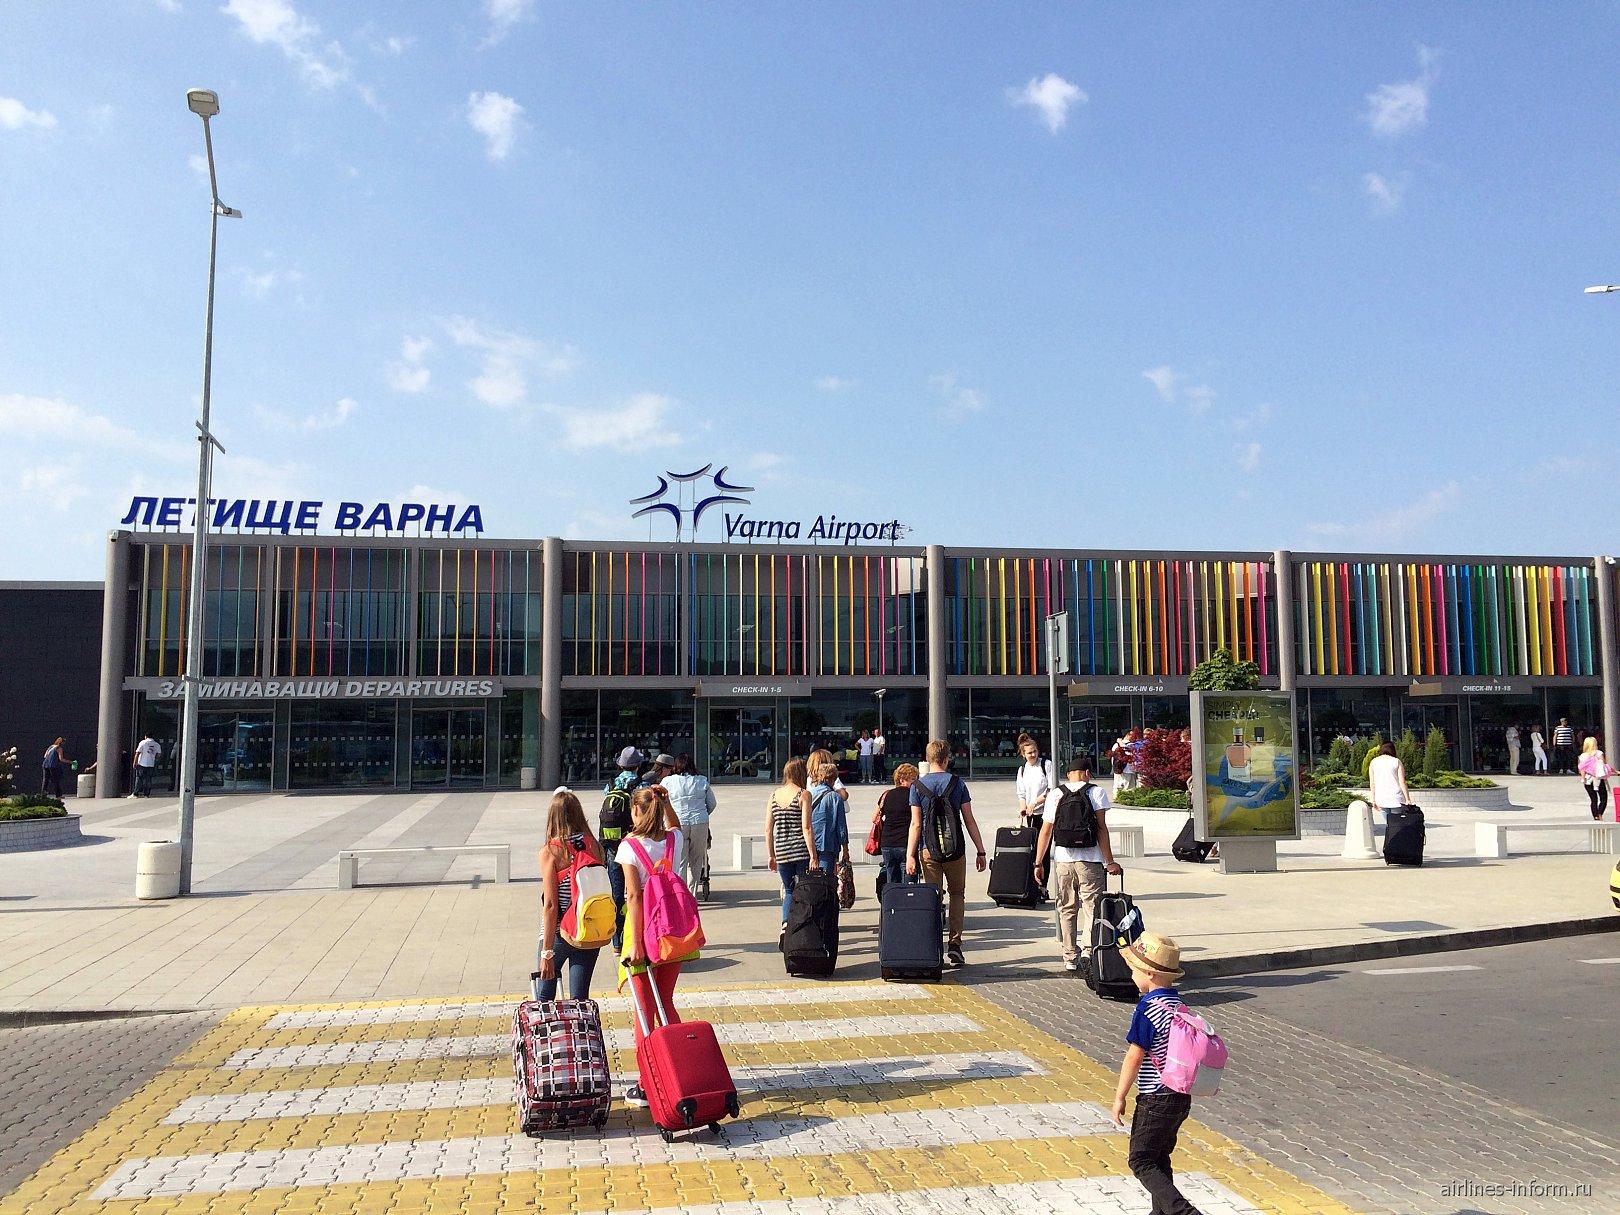 Аэровокзал аэропорта Варна